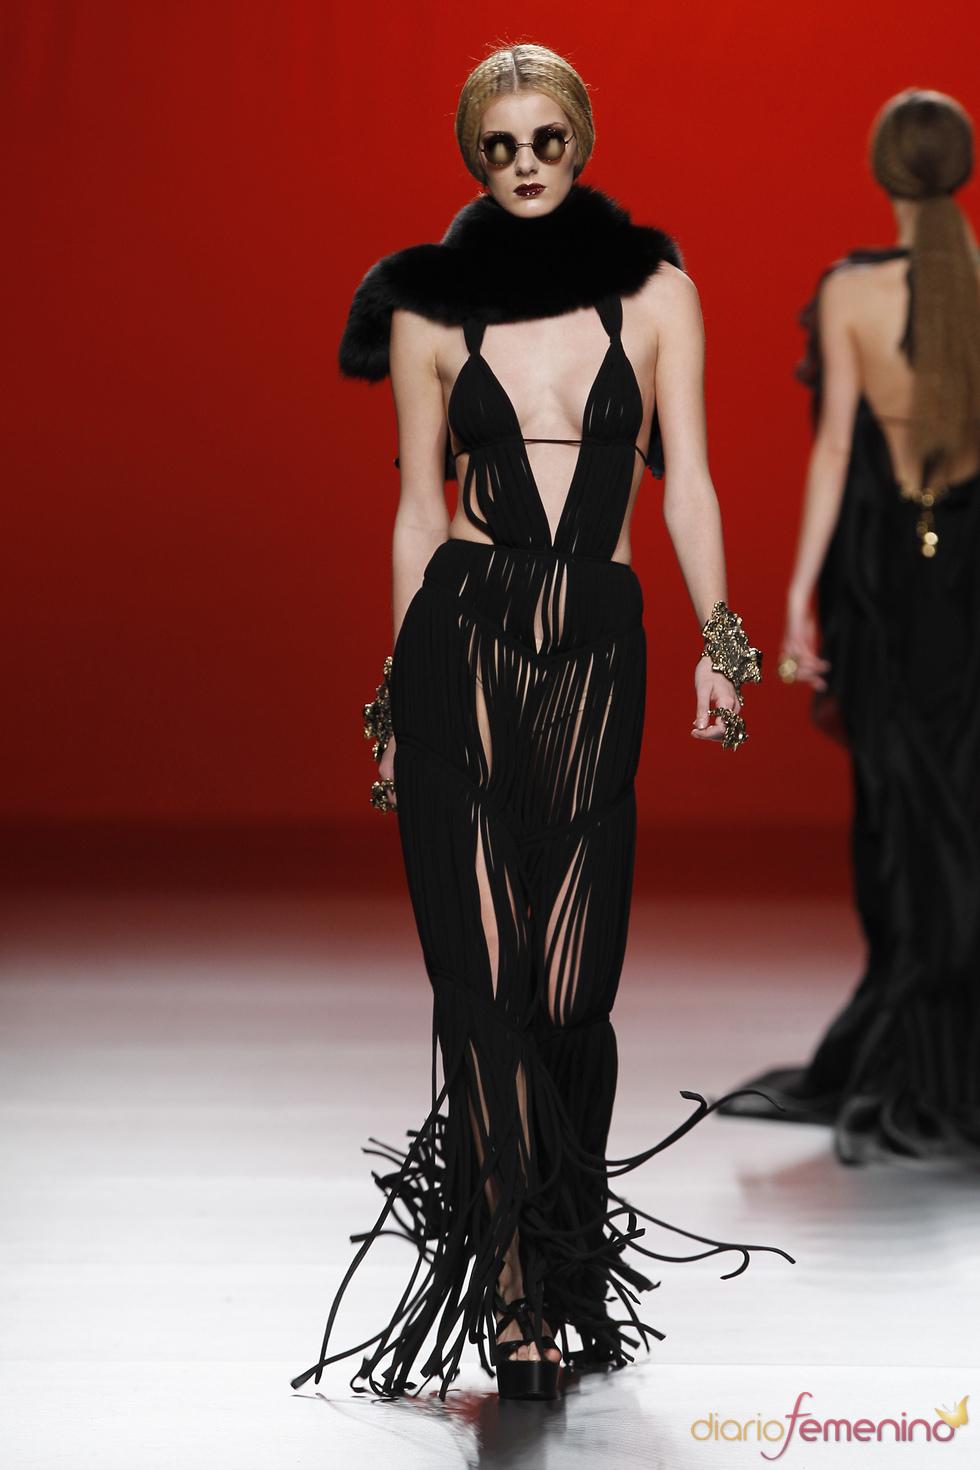 Vestido negro de tiras. María Escoté. Cibeles Madrid Fashion Week 2011